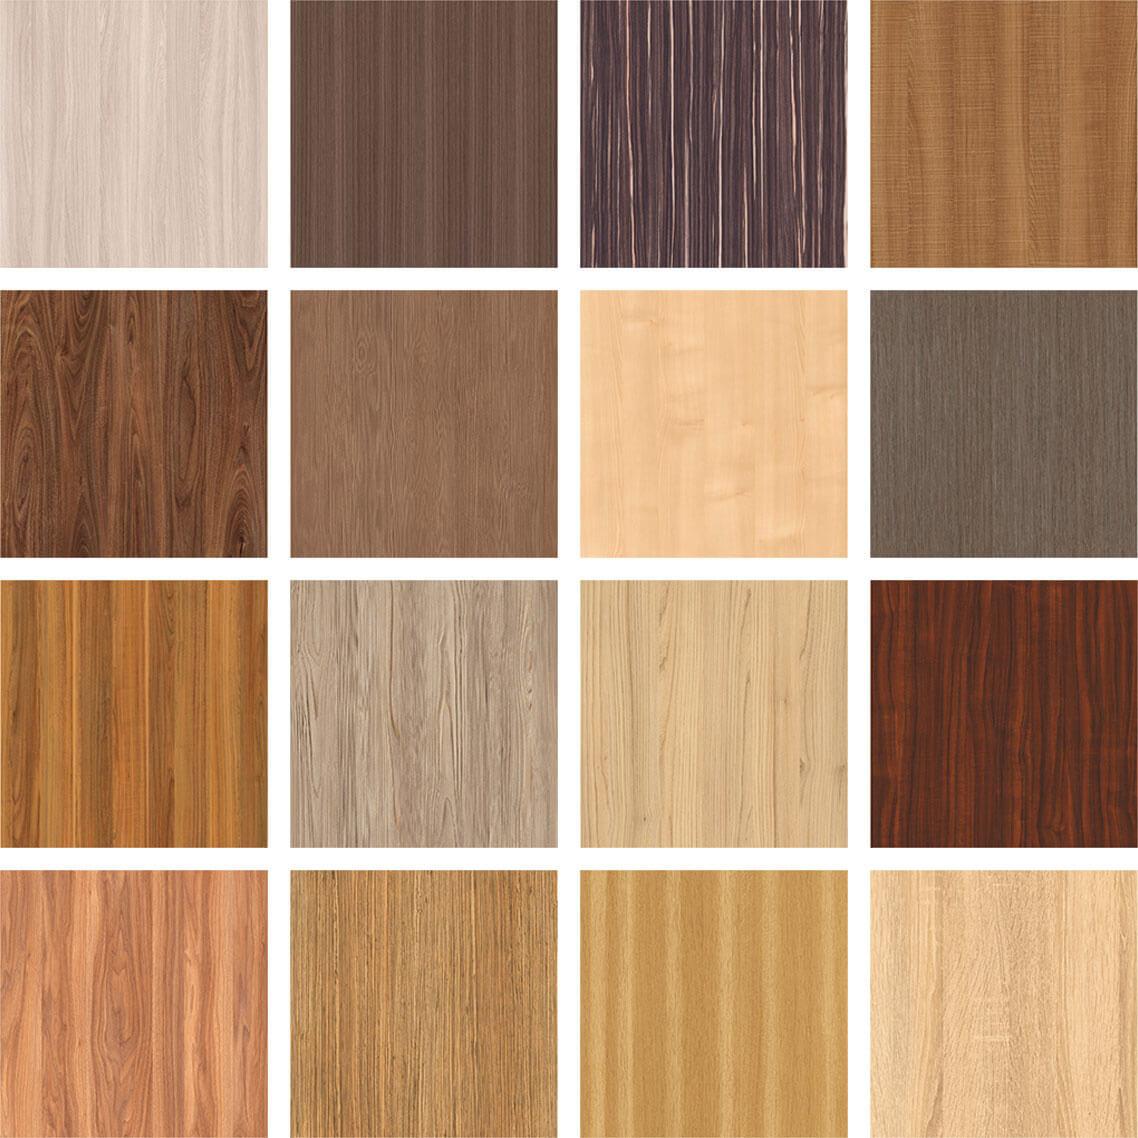 Образцы древесно-стружечных плит для изготовления шкафов-купе